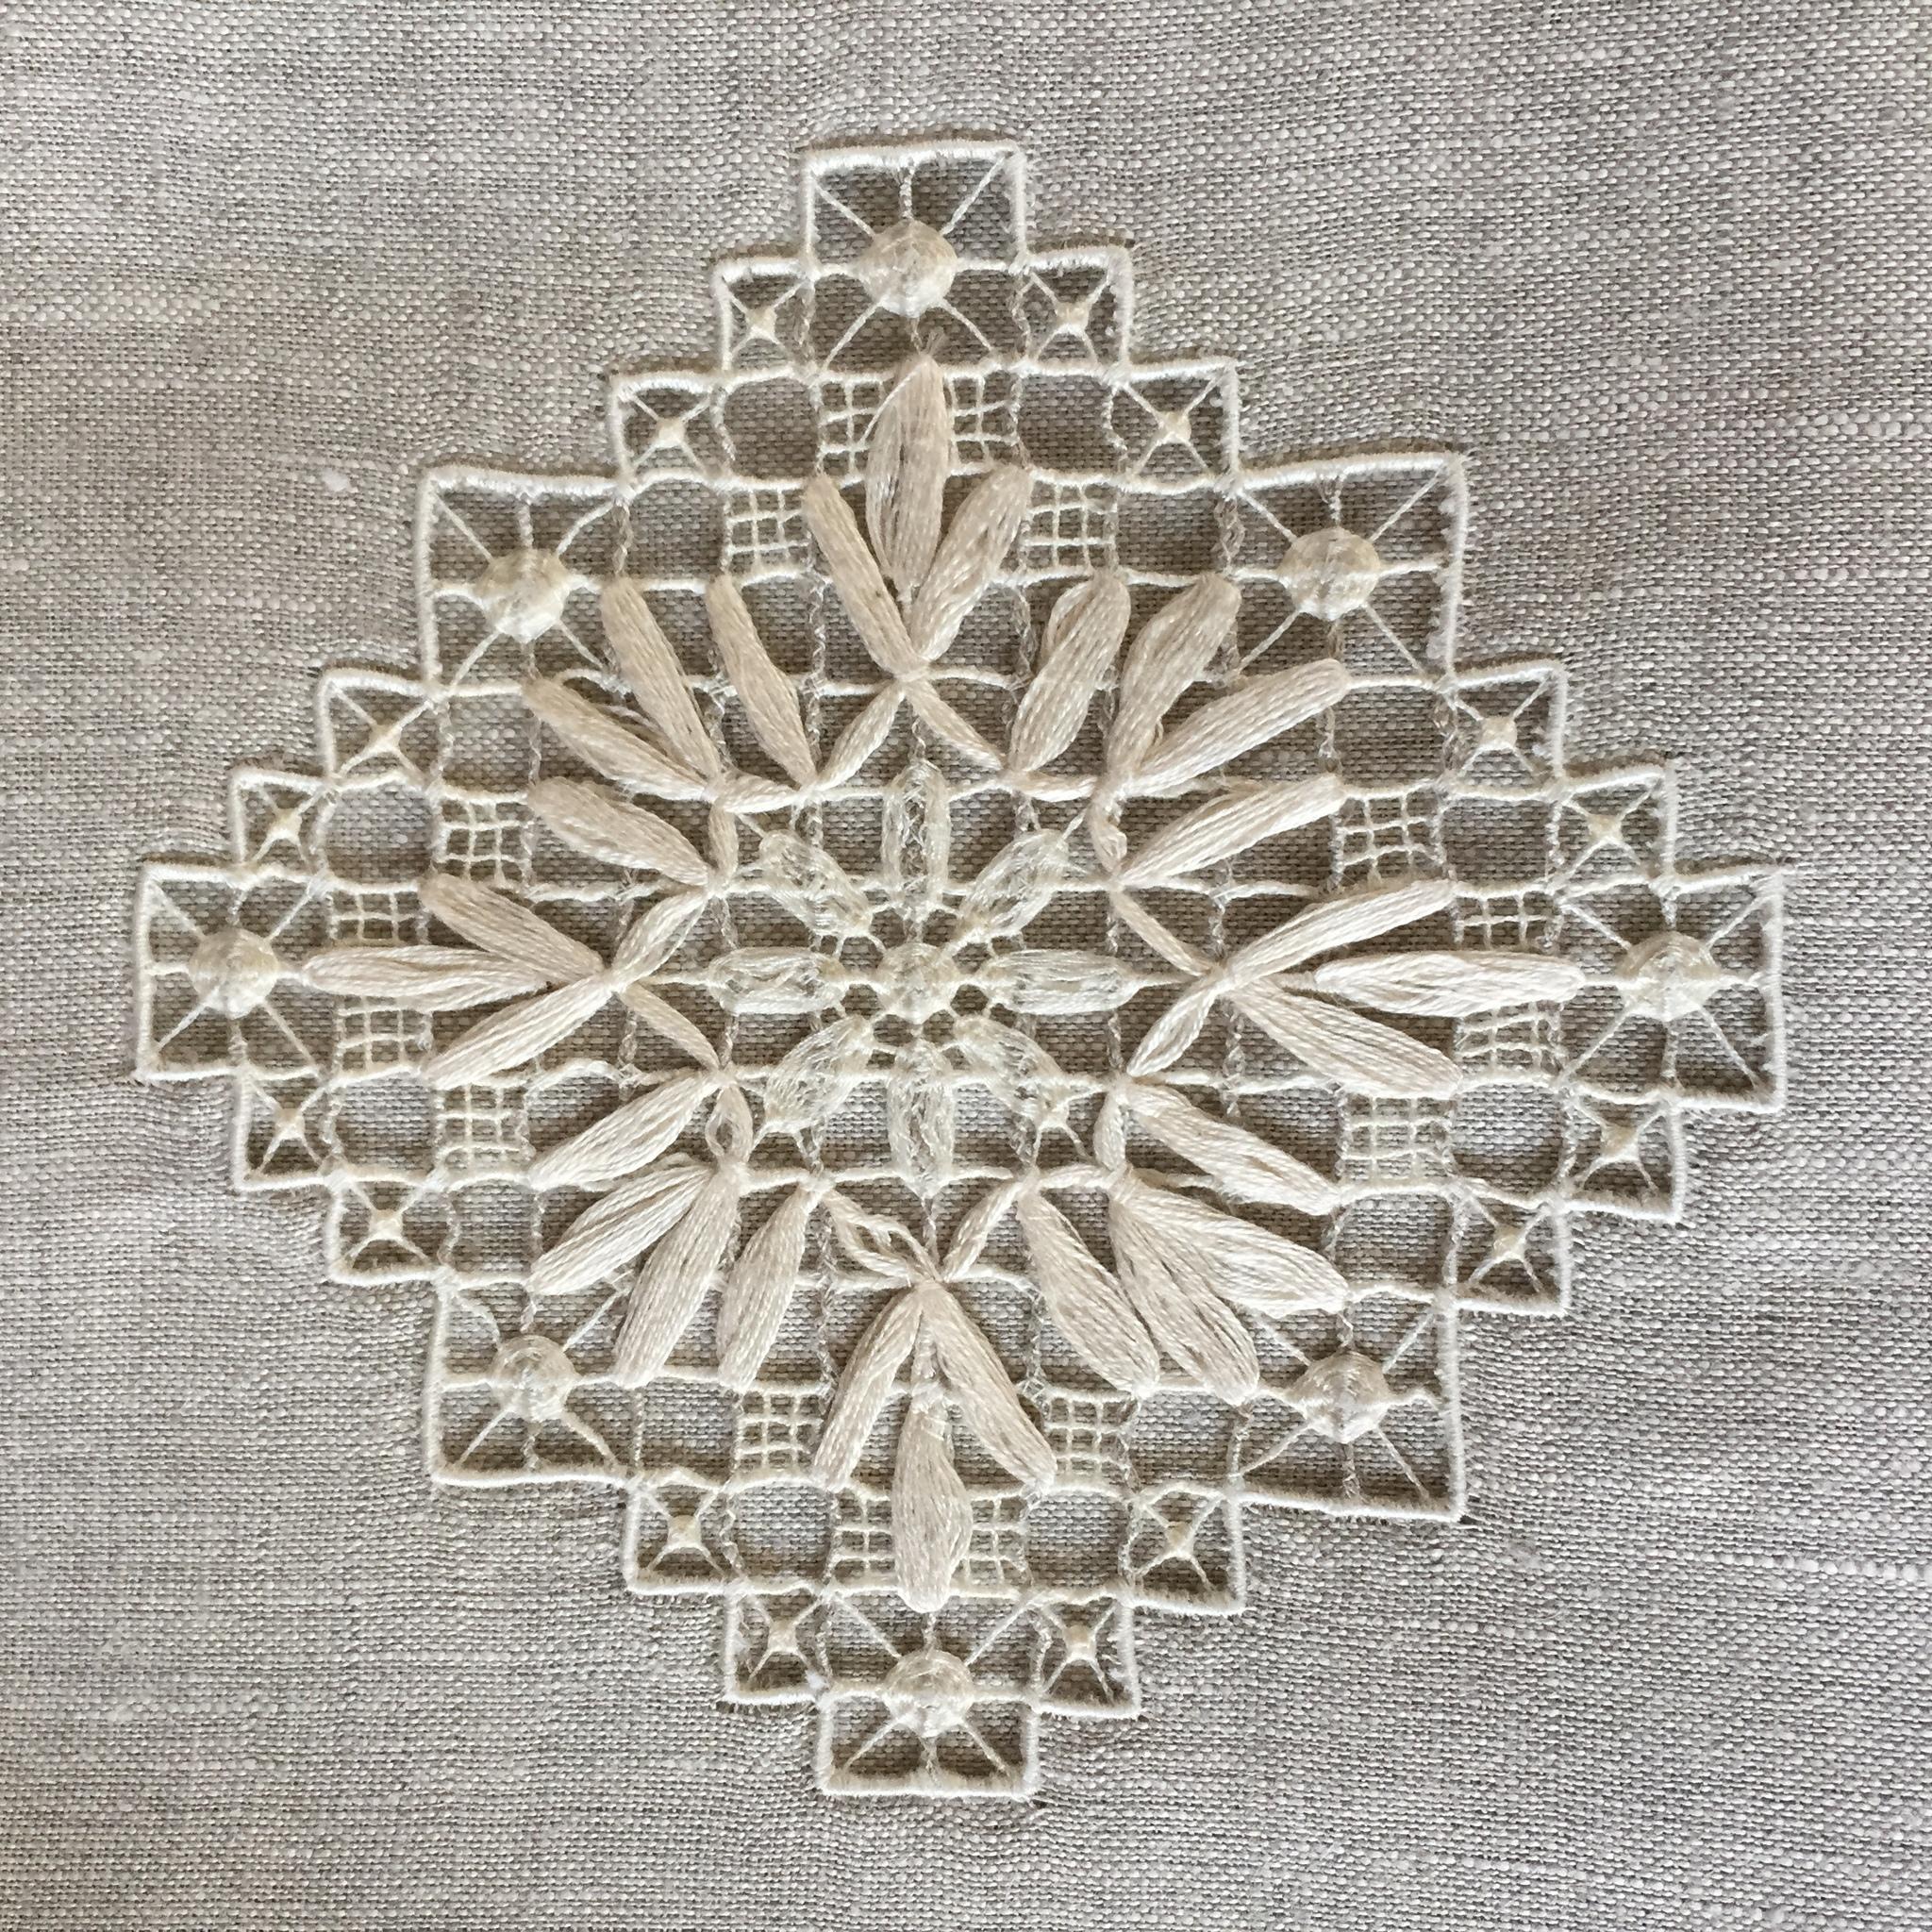 Комплект льняного постельного белья натуральный серый с нижегородской вышивкой